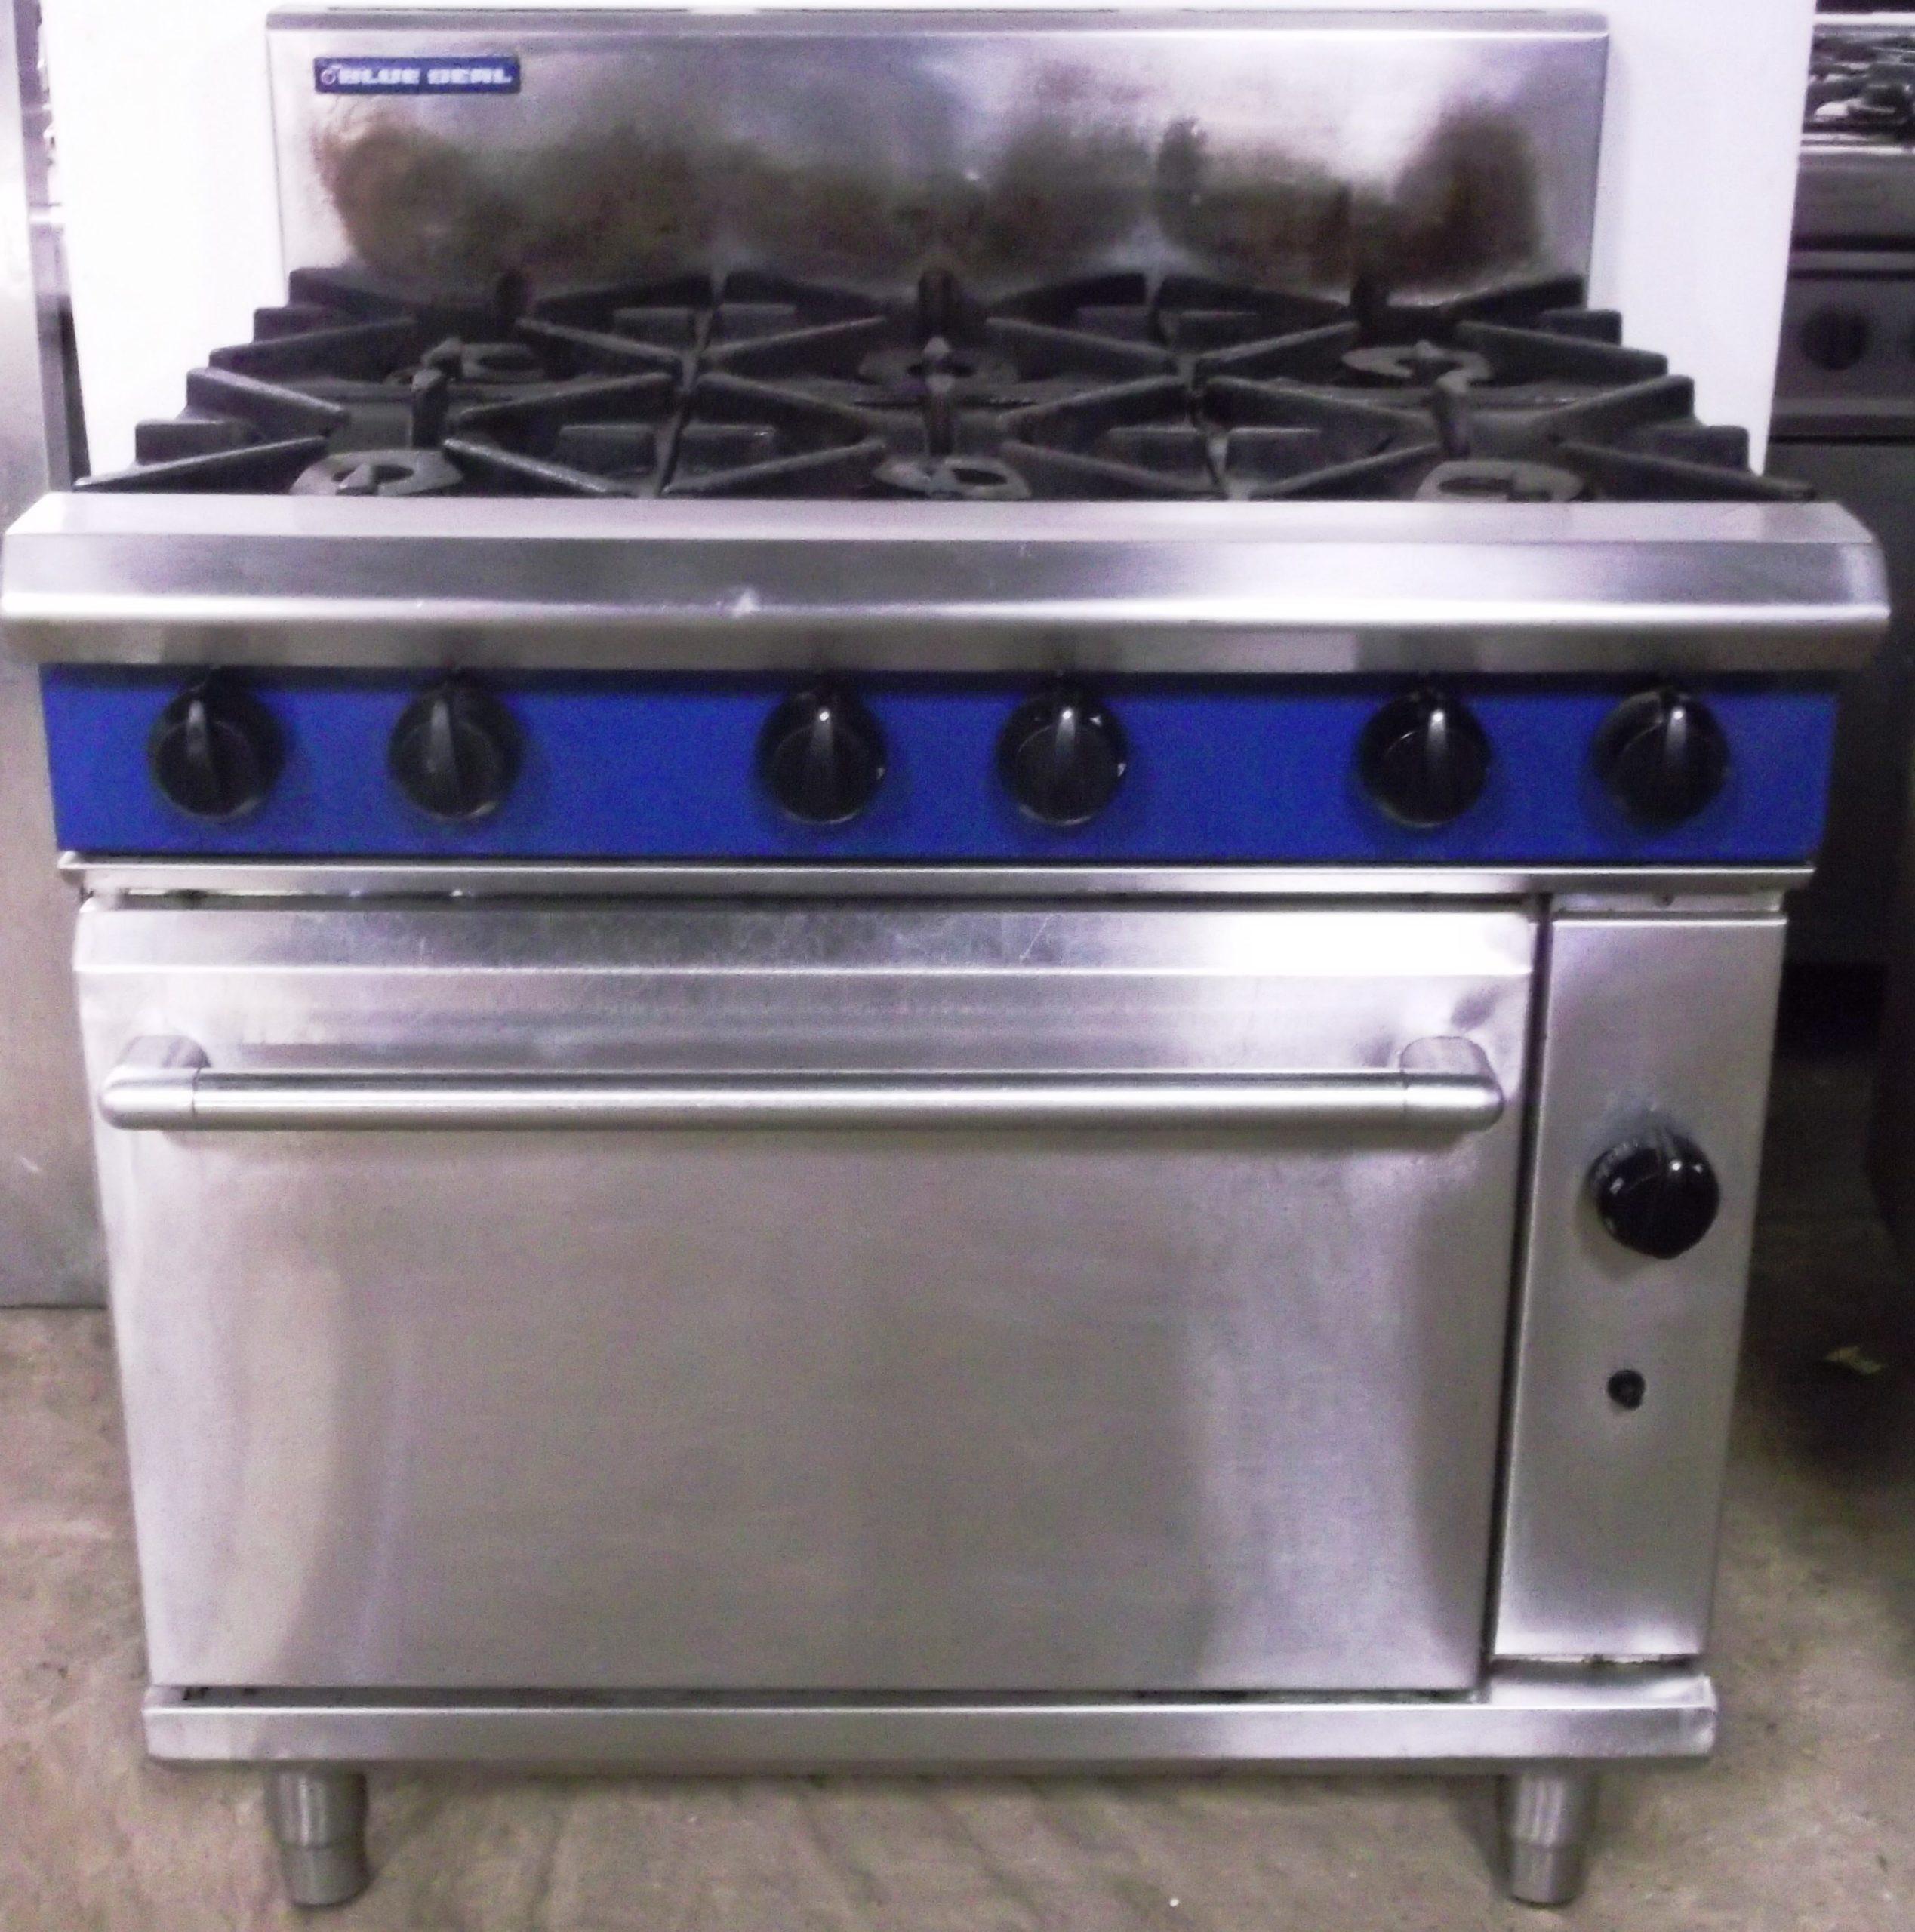 BLUE SEAL Evolution 6 Burner Range with Oven